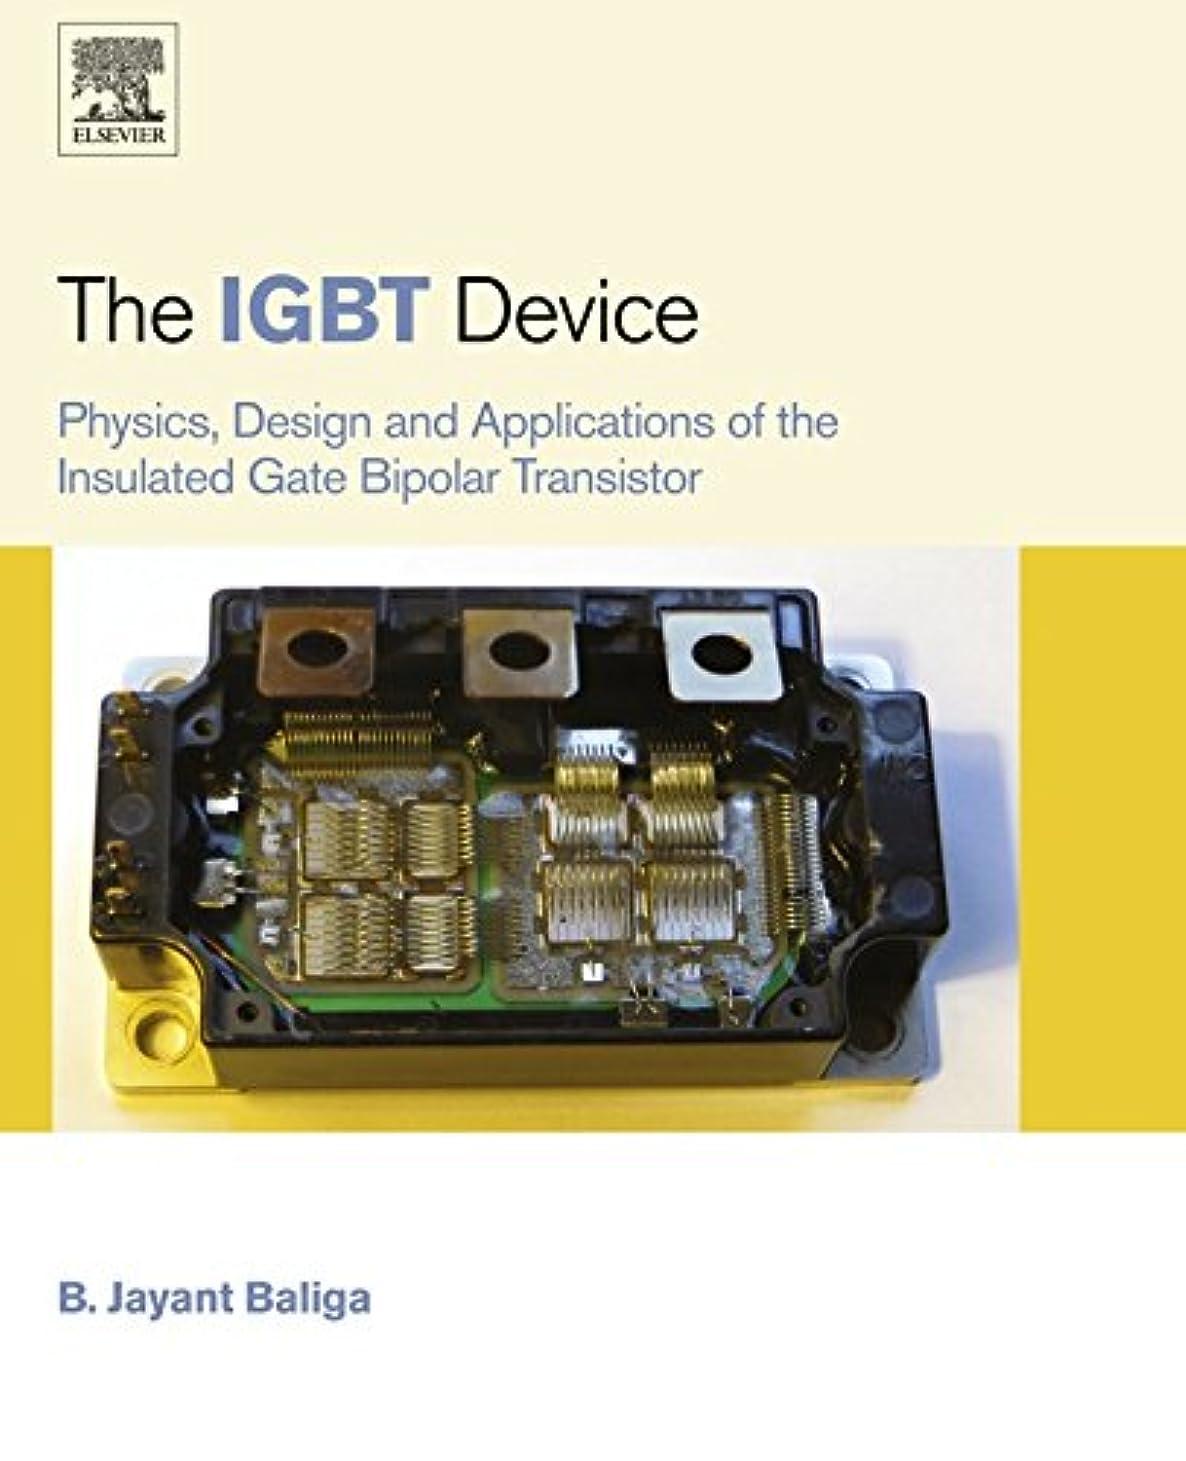 消す用語集注入するThe IGBT Device: Physics, Design and Applications of the Insulated Gate Bipolar Transistor (English Edition)